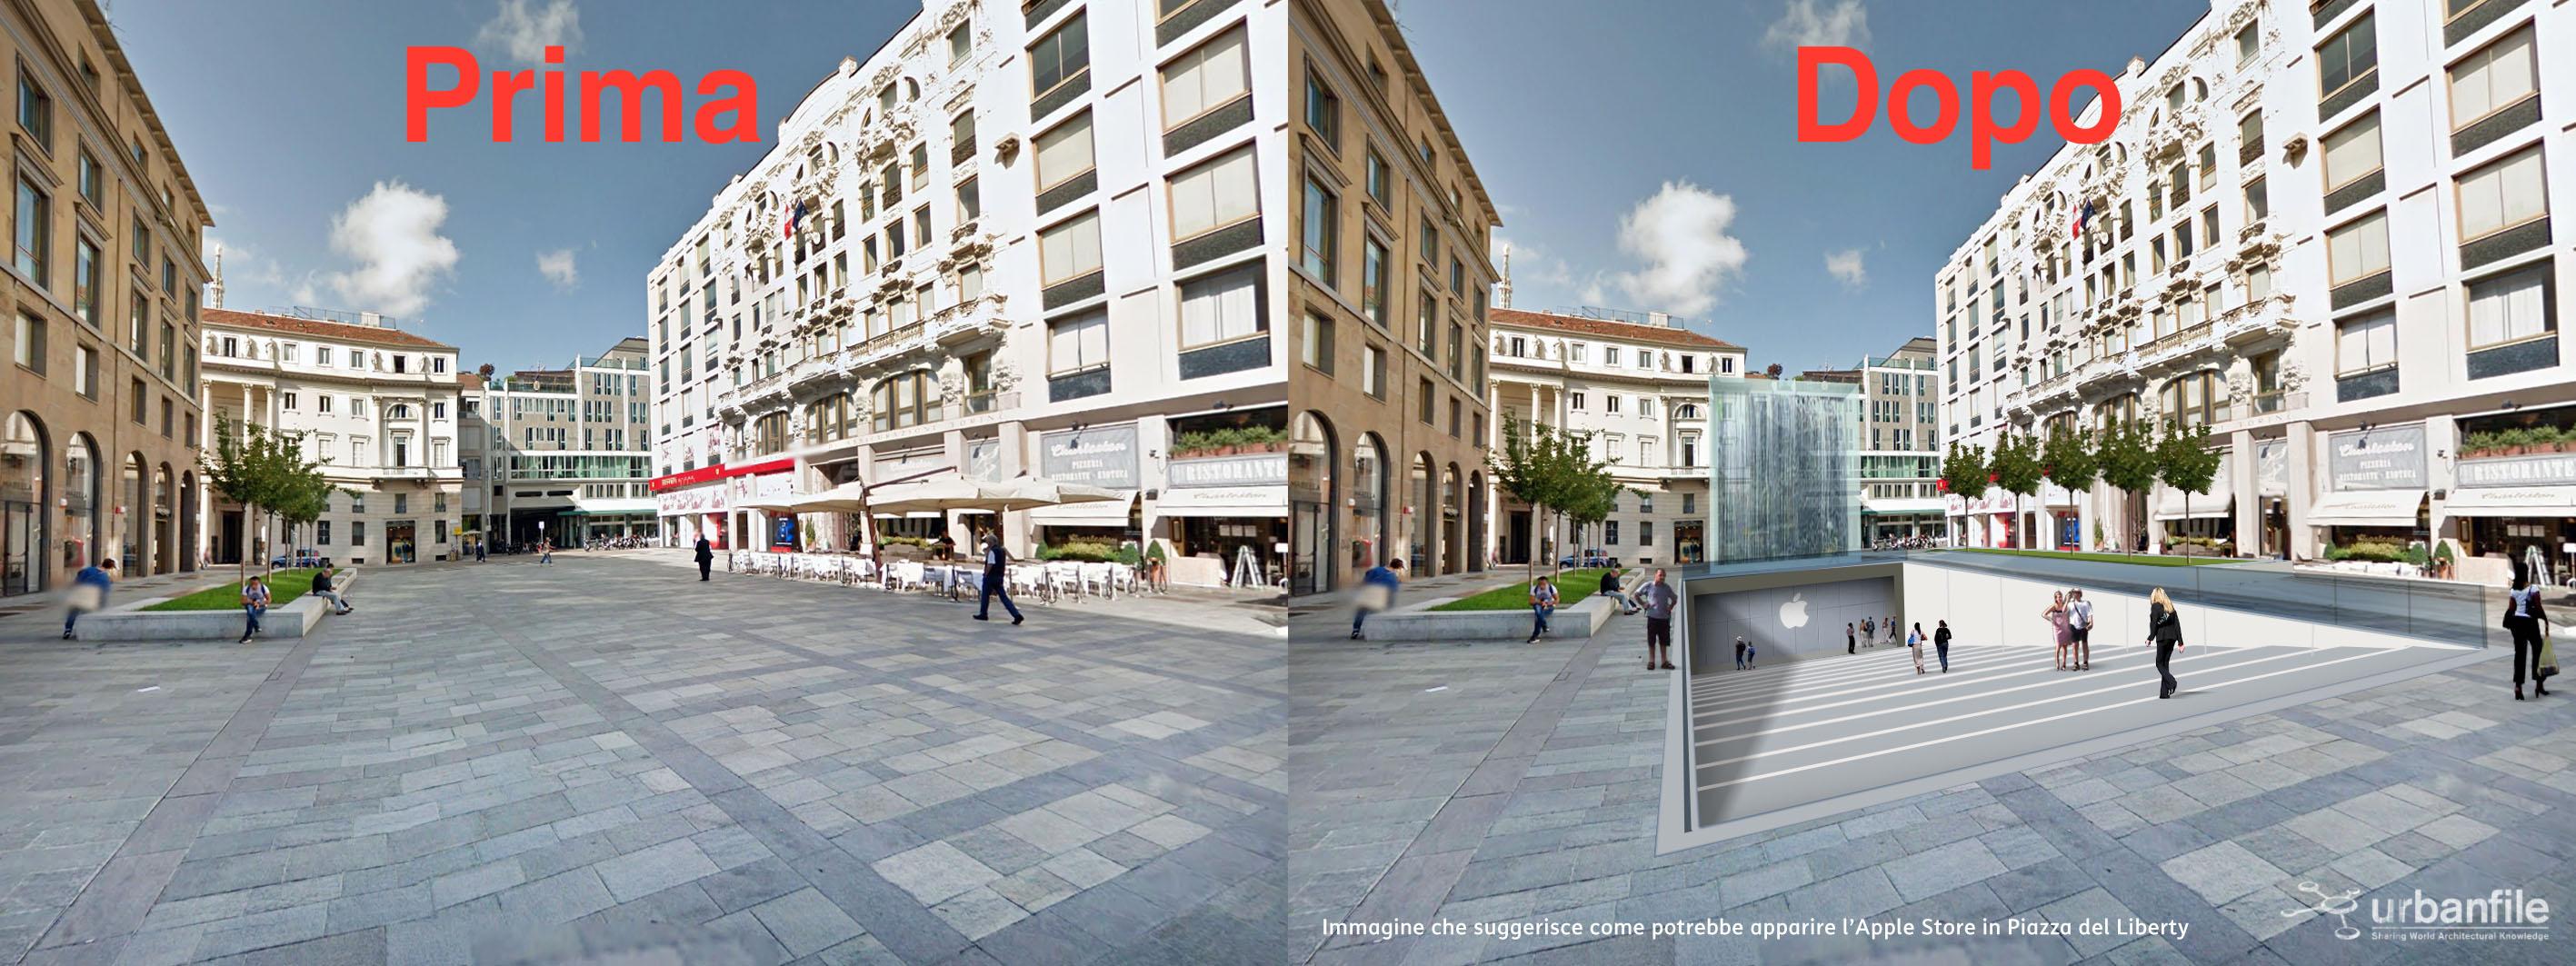 Dalla scalinata alle cascate ecco come sar l 39 apple store for Milano shop